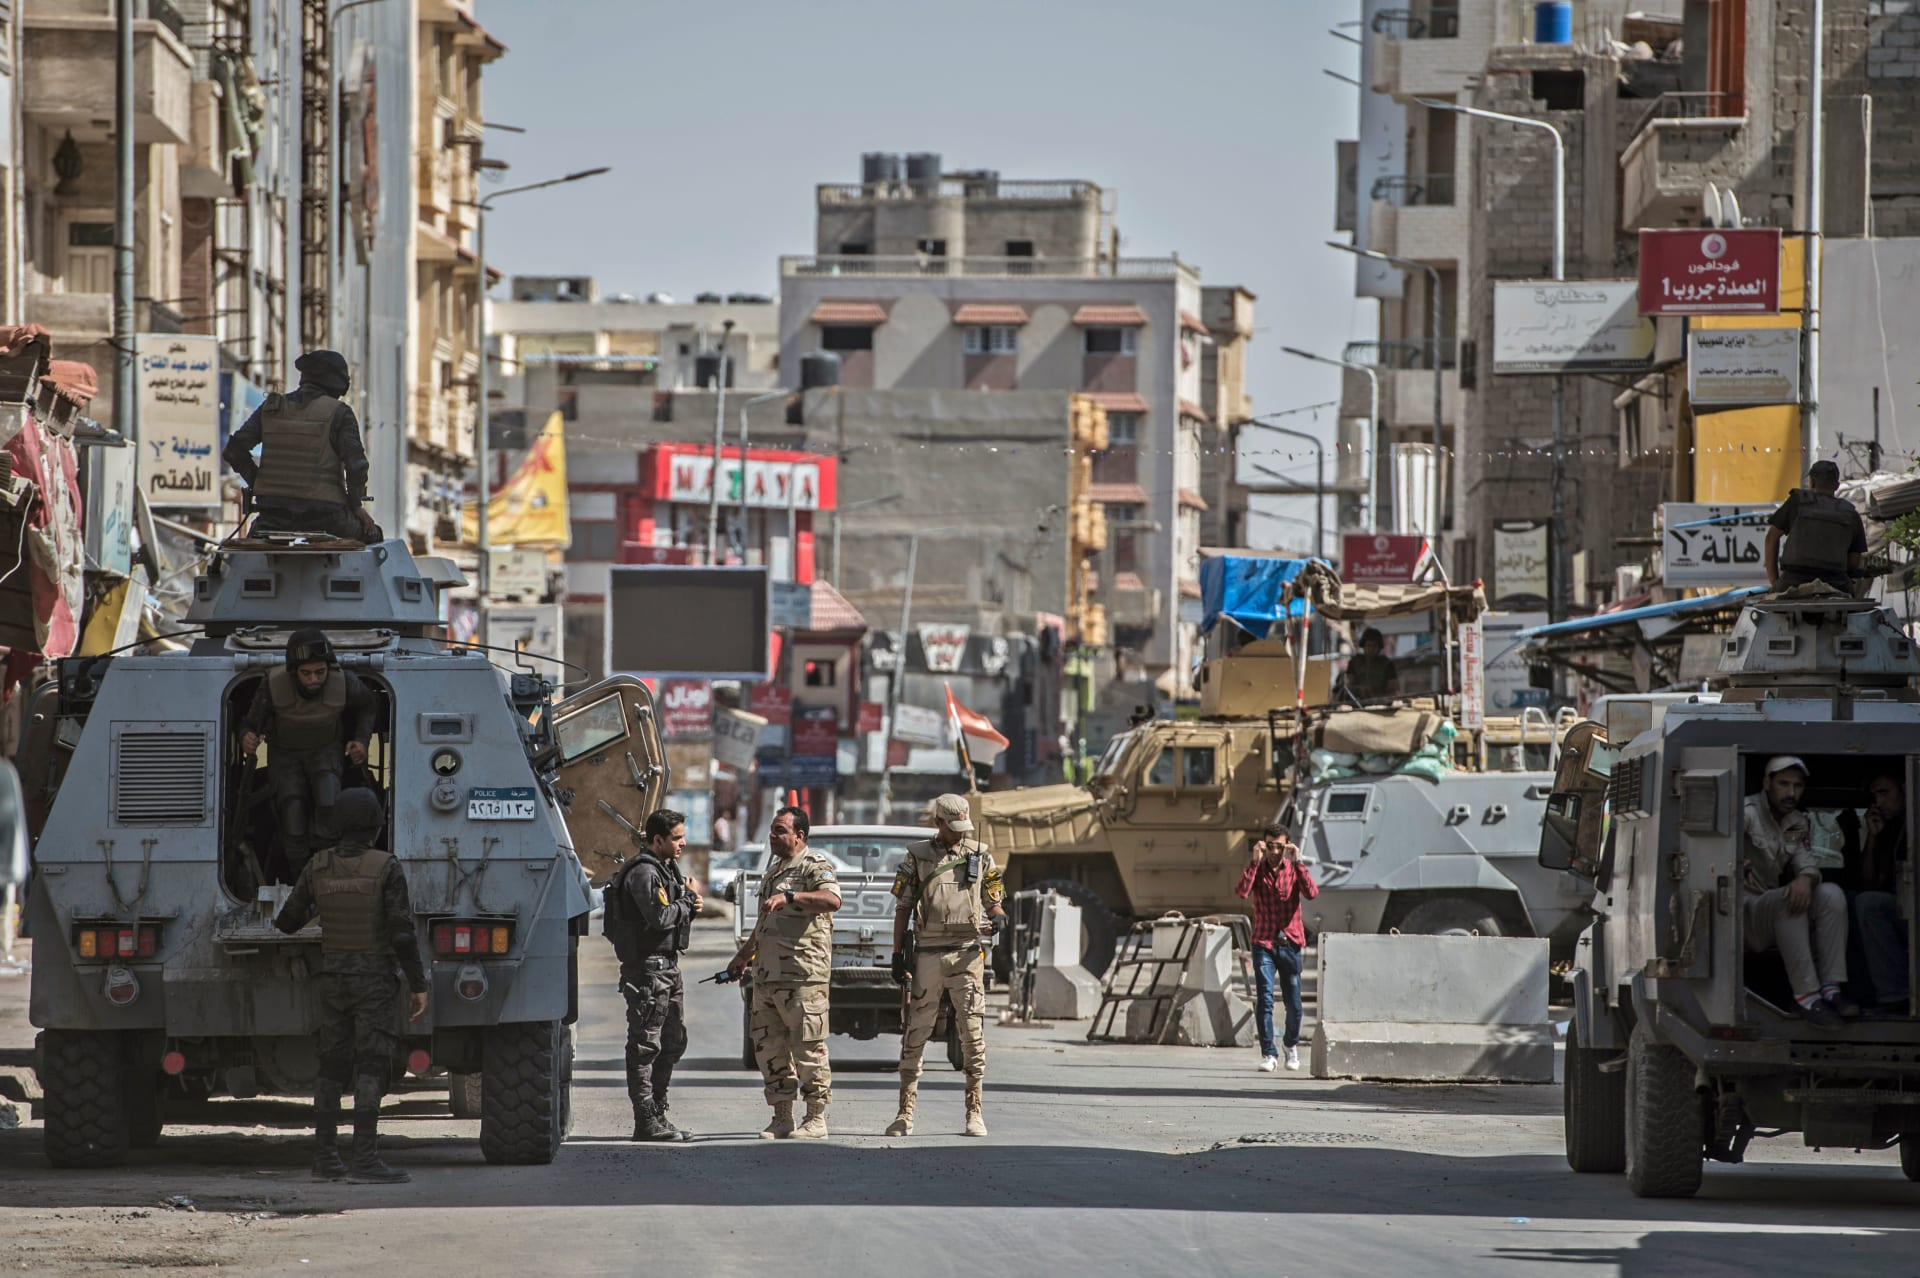 قوات الشرطة والجيش المصريين في إحدى الارتكازات الأمنية في شمال سيناء